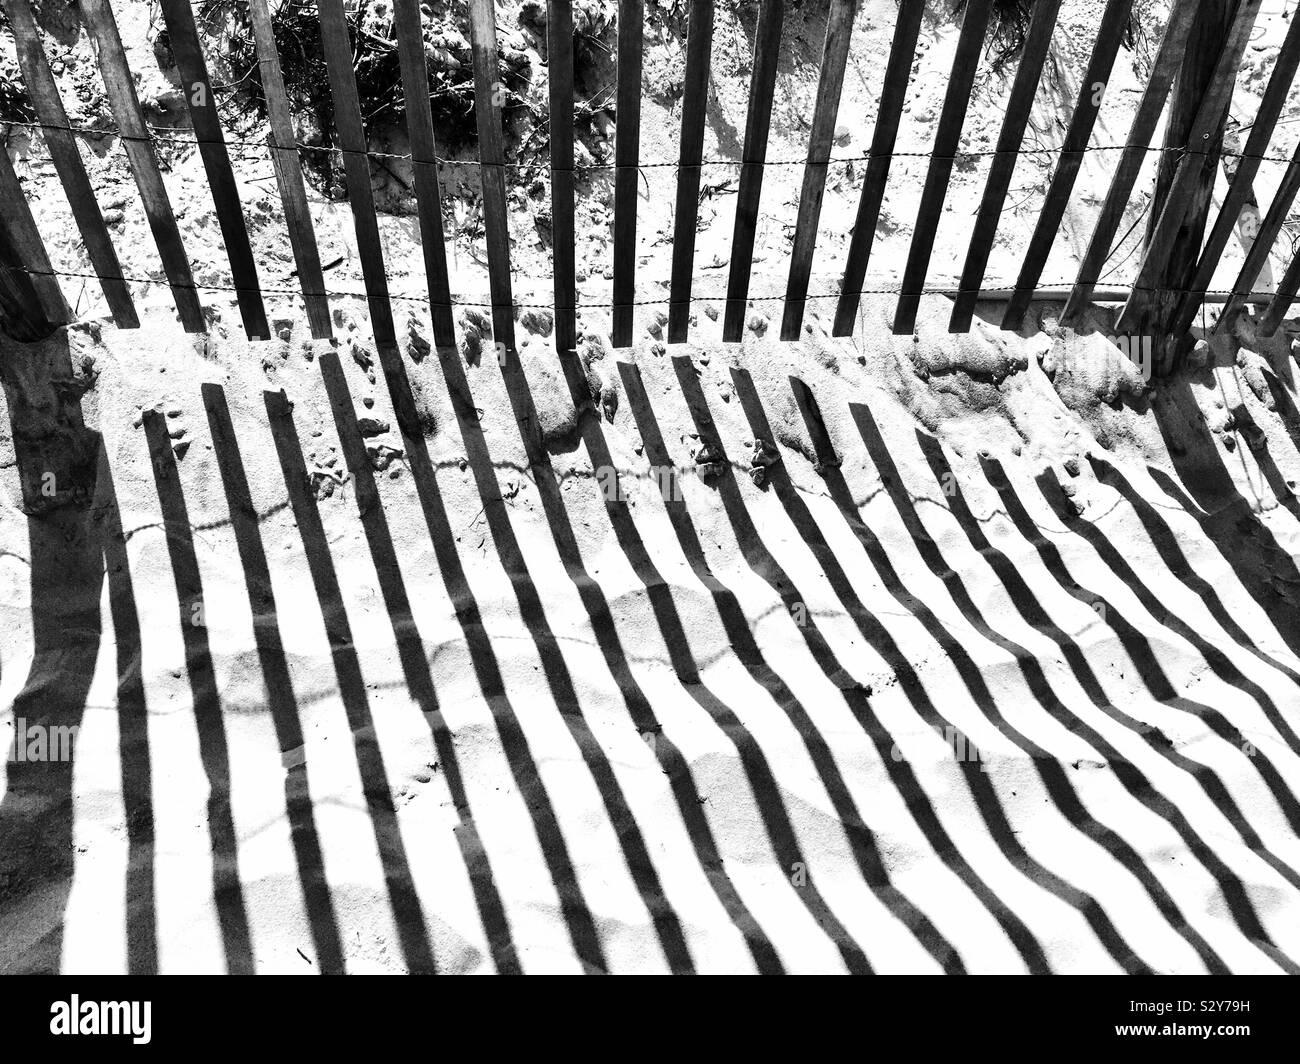 Un di legno Picket Fence lungo un sentiero di sabbia che conduce alla spiaggia ha la sua ombra formando un disegno astratto nella sabbia. Foto Stock